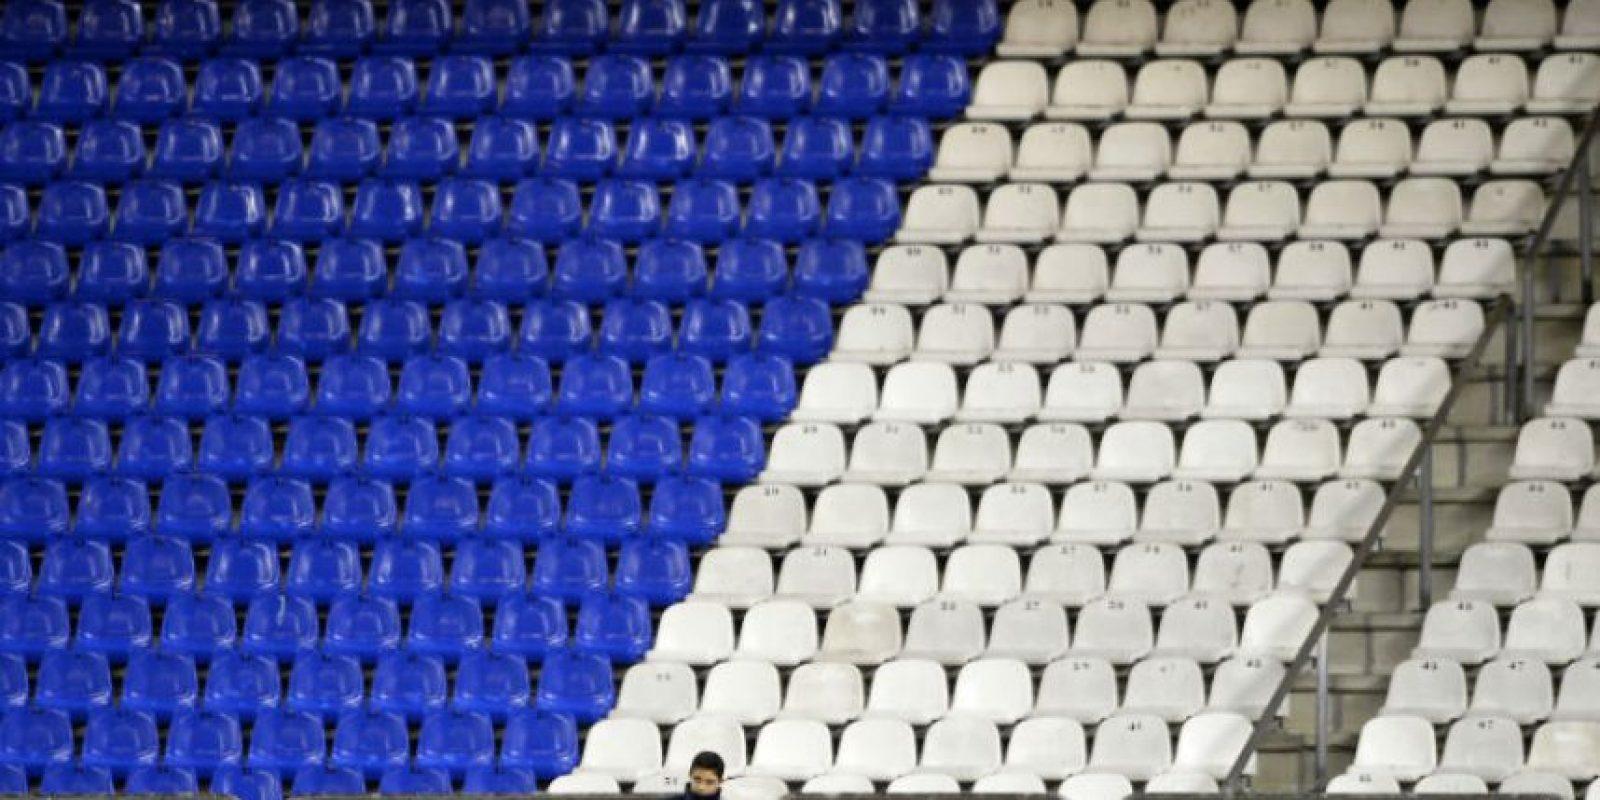 Así lució el estadio Riazor durante el juego entre el Deportivo y el Málaga, el miércoles. Foto:AFP